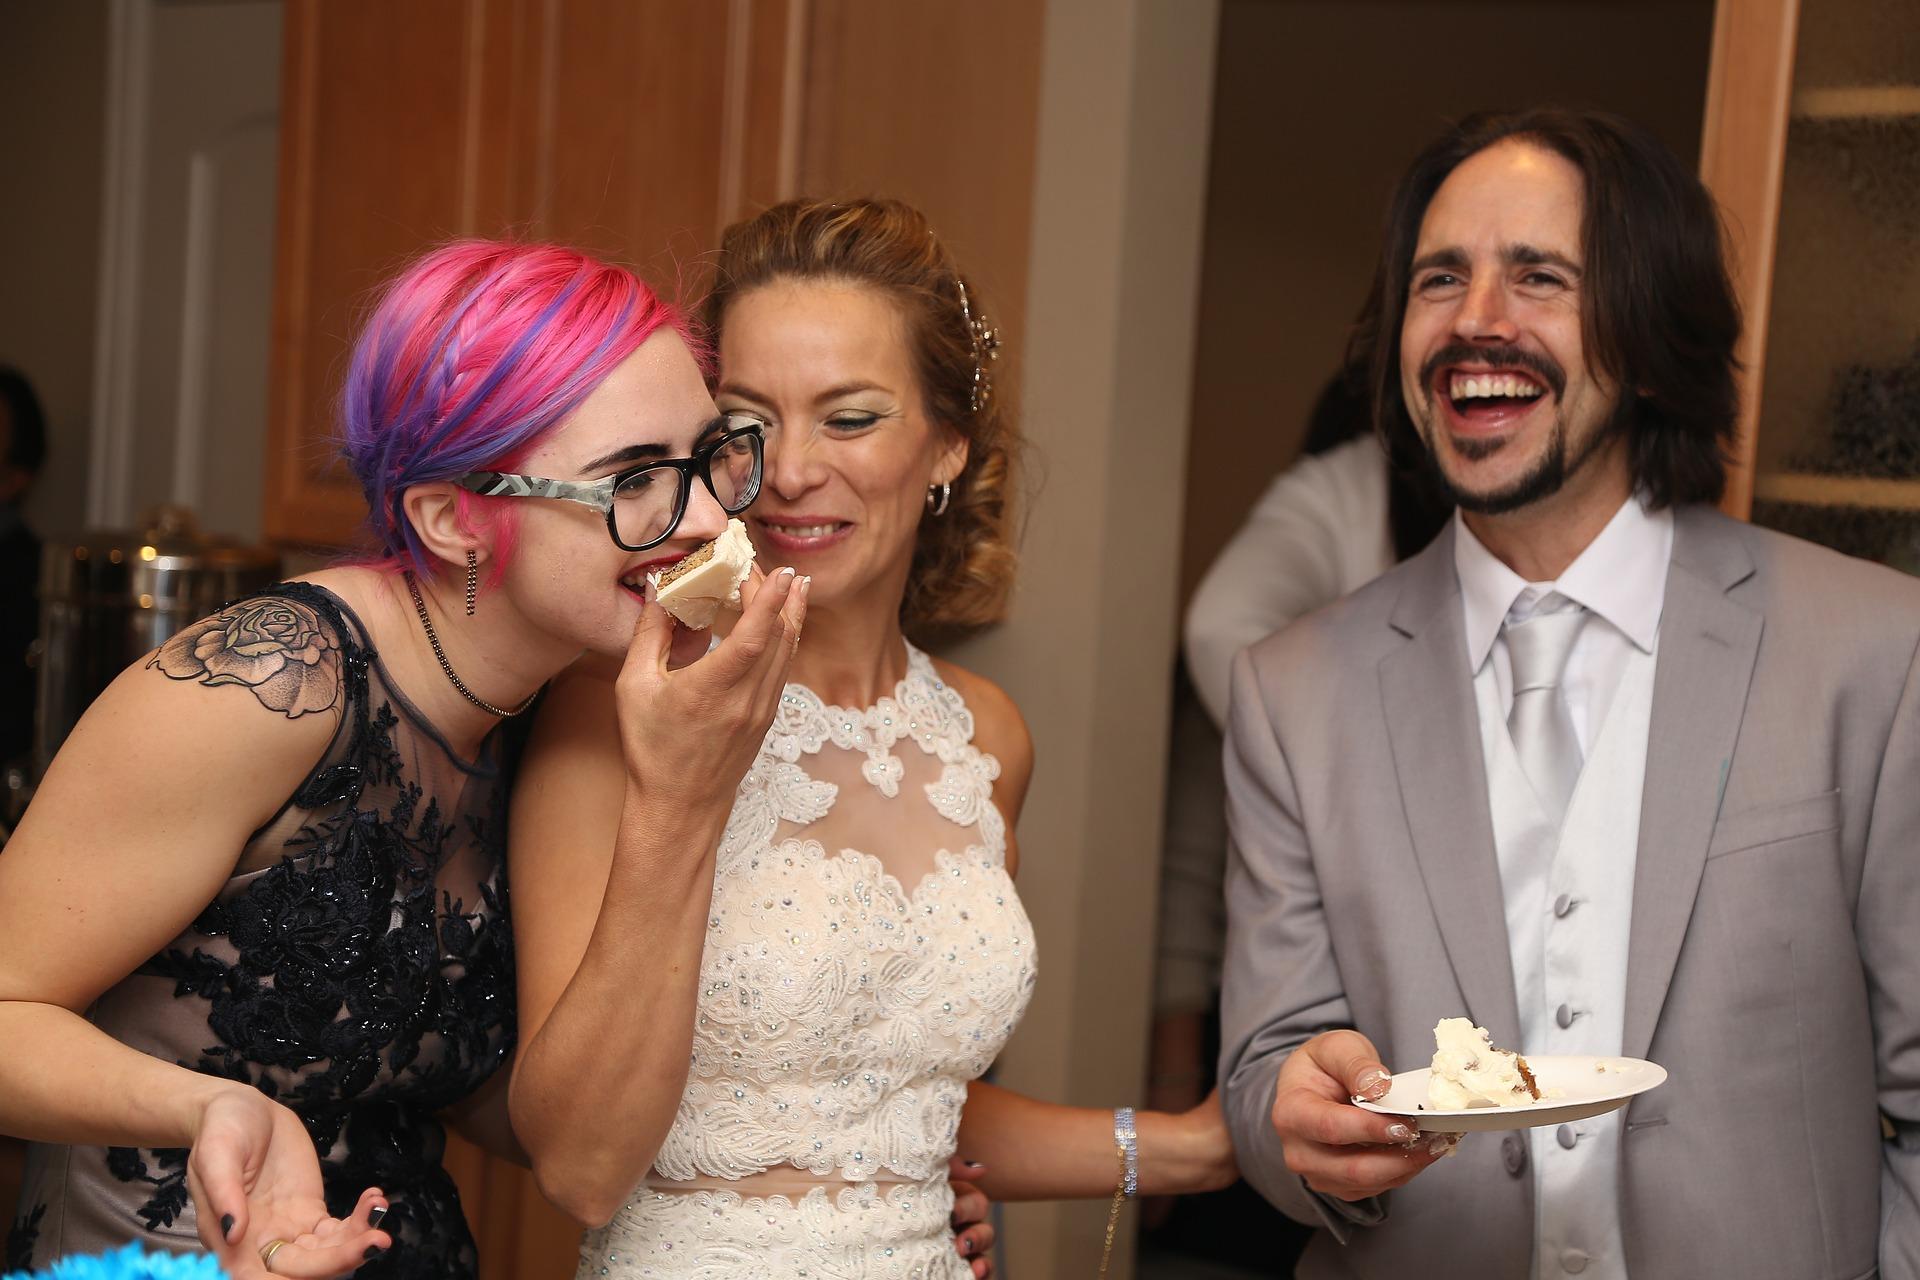 wedding-reception-2667031_1920